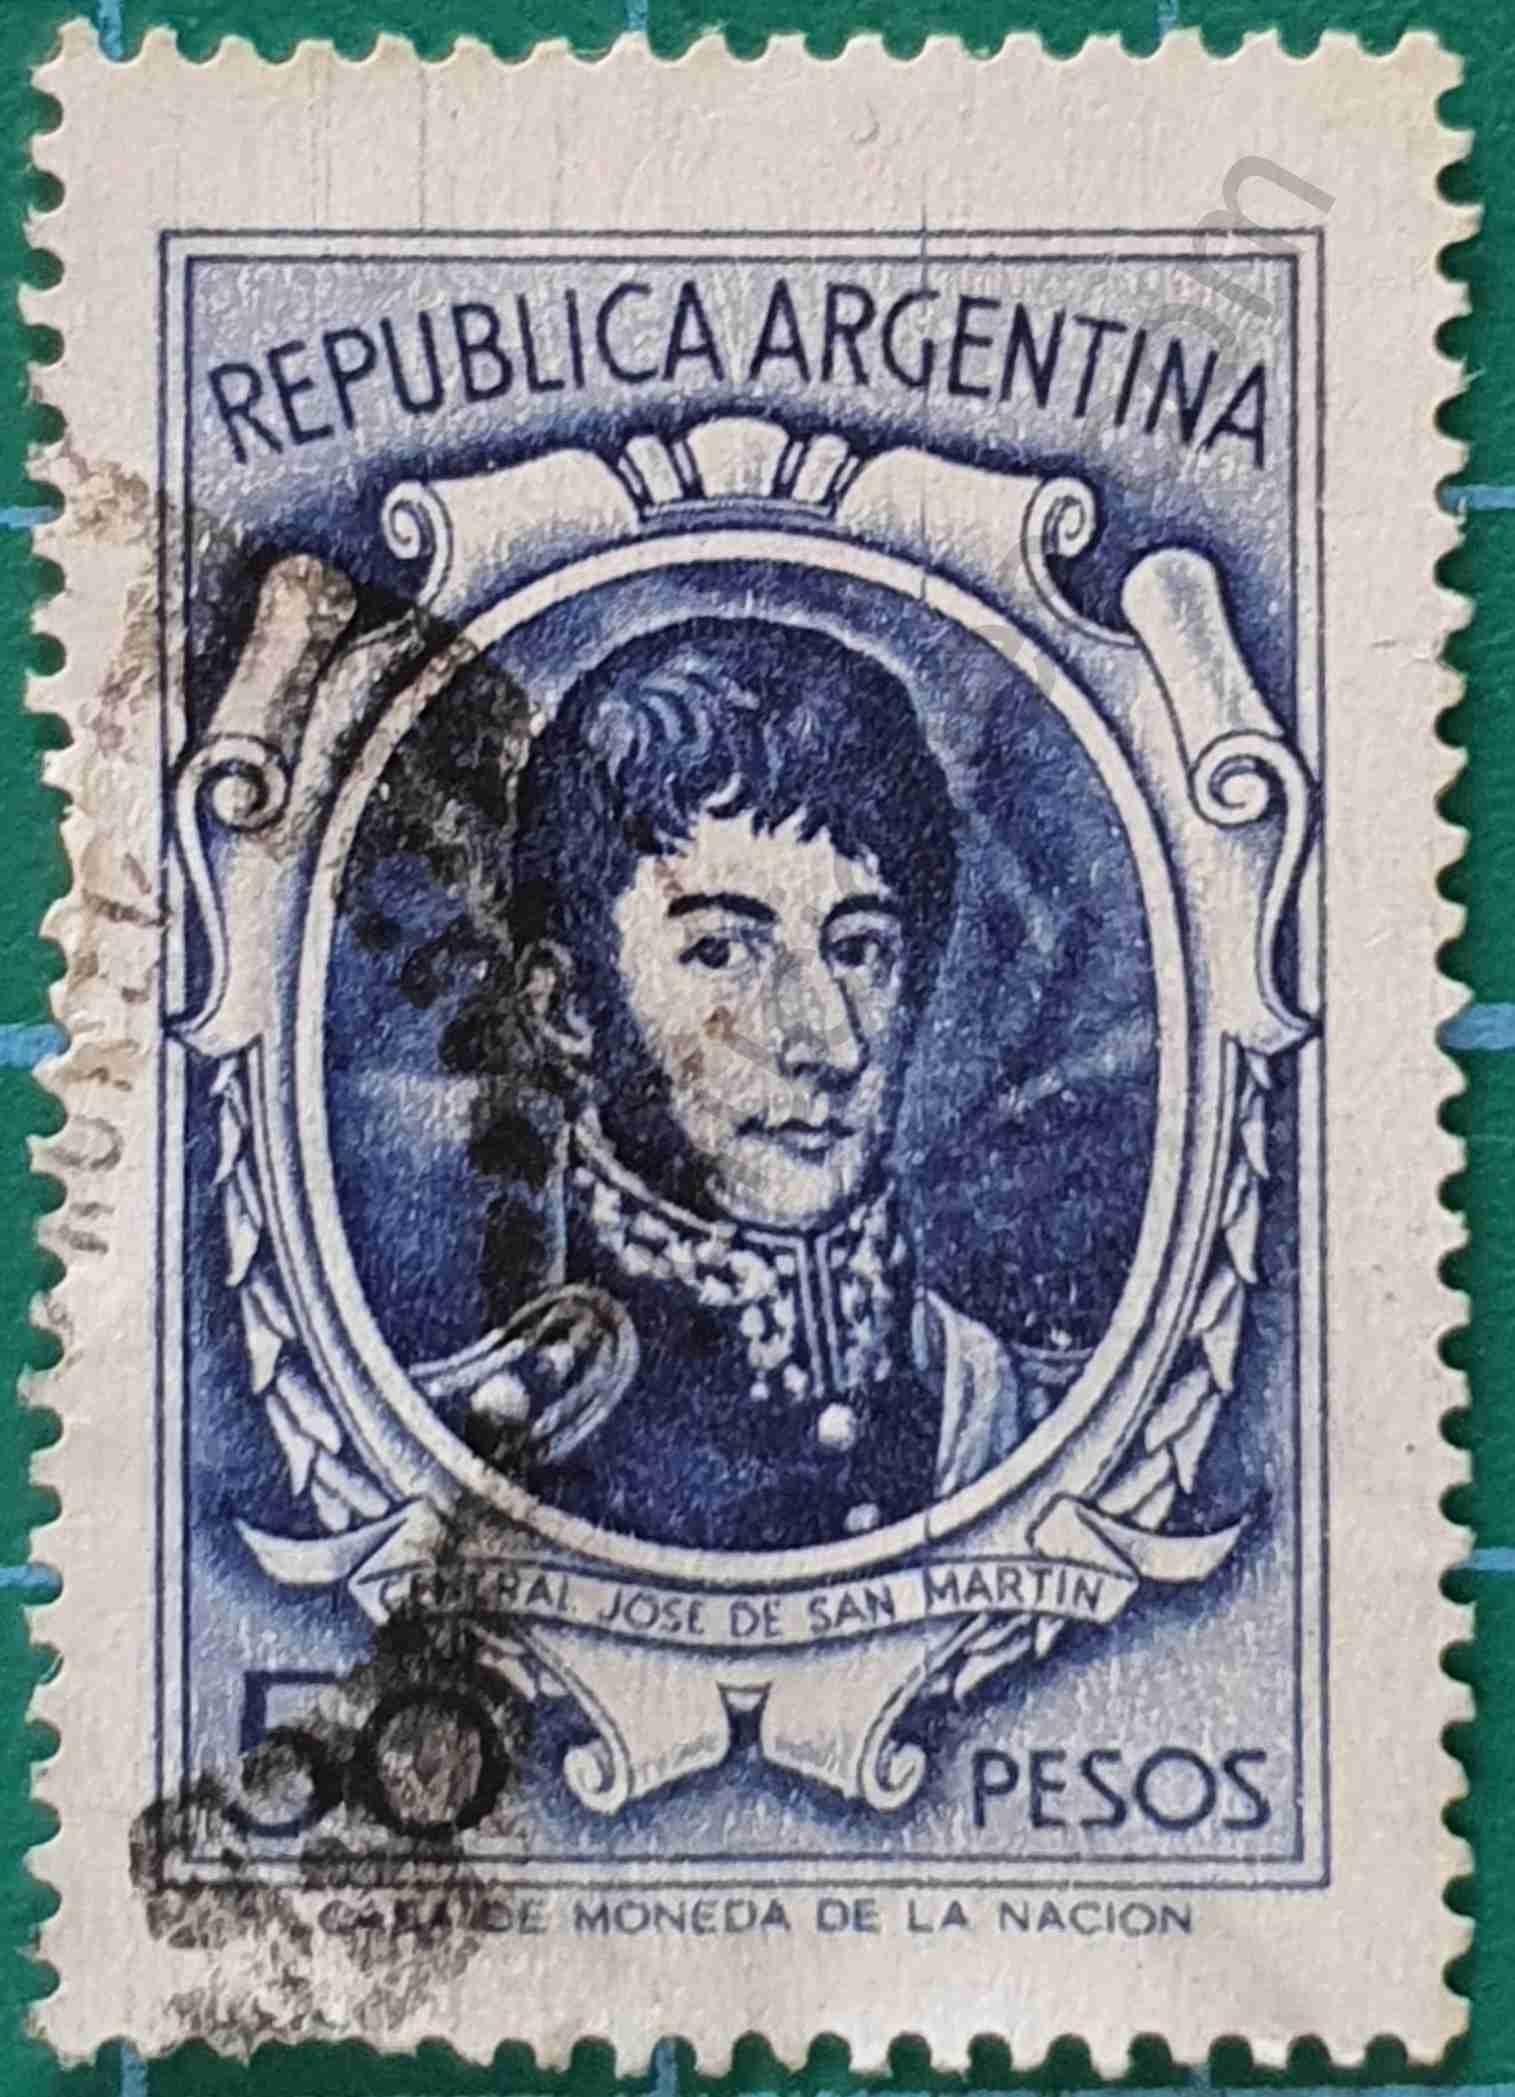 José de San Martín 50 m$n - Sello Argentina 1969